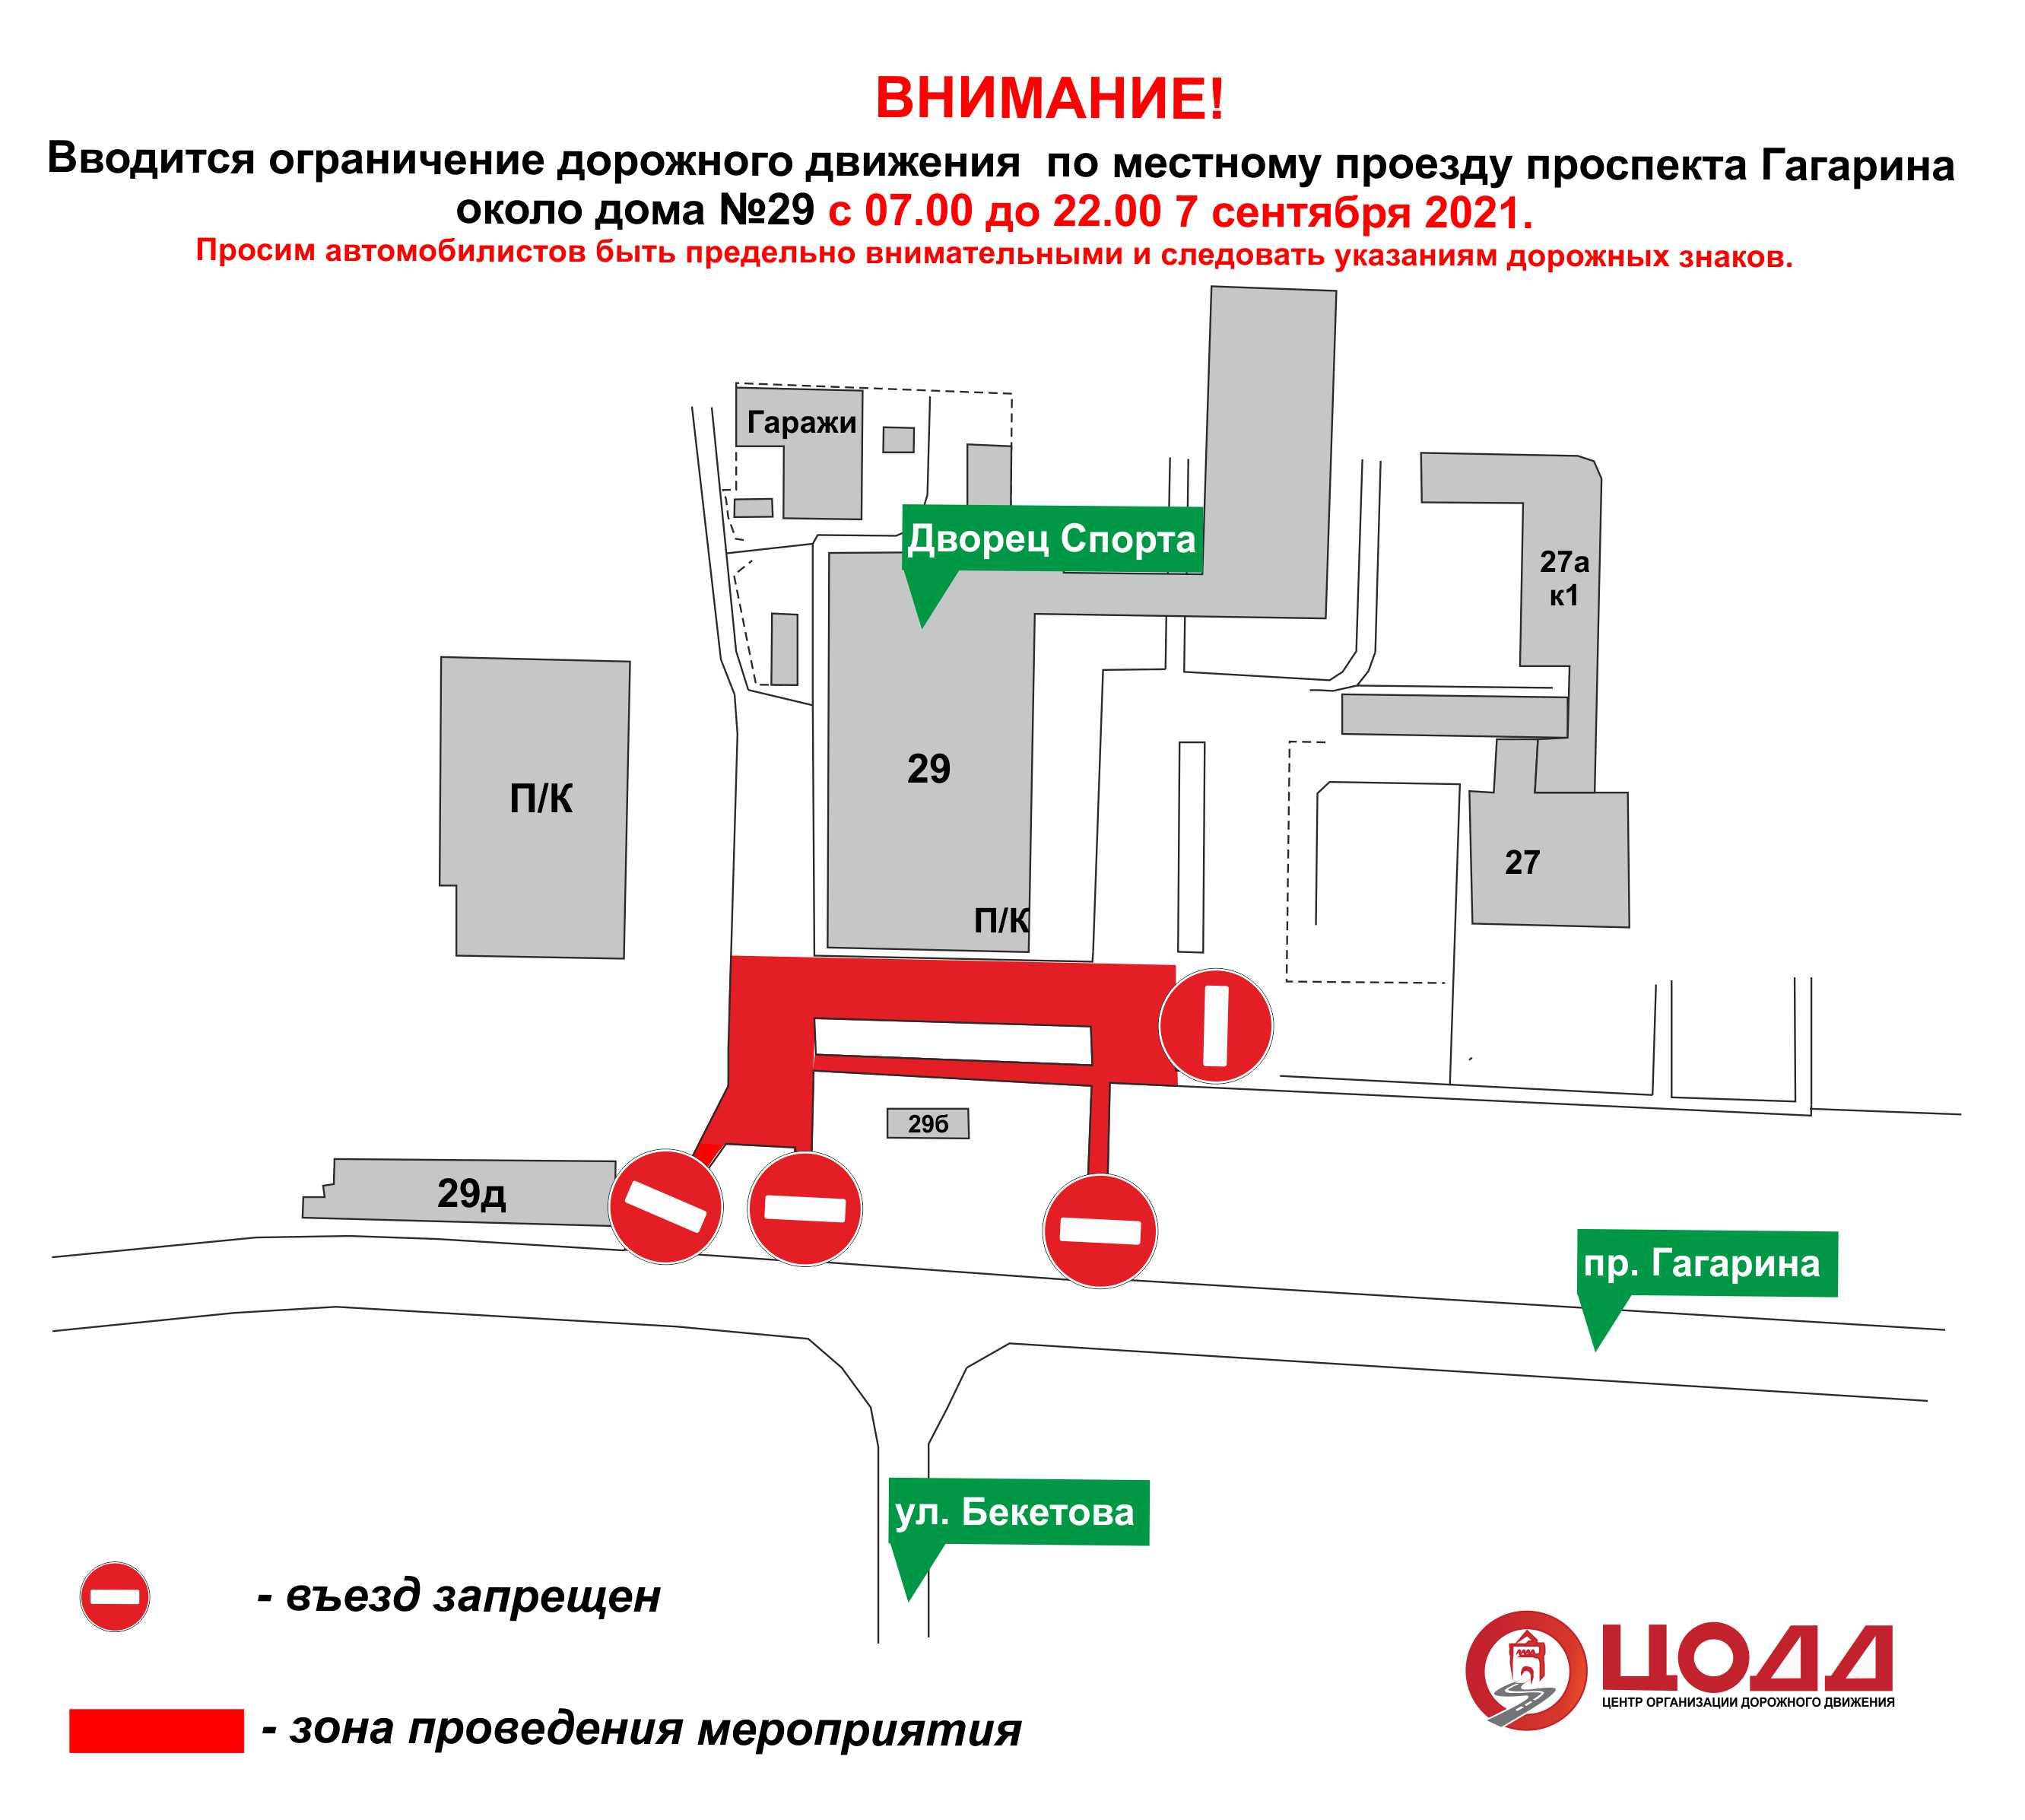 Местный проезд проспекта Гагарина в Нижнем Новгороде перекроют 7 сентября - фото 1